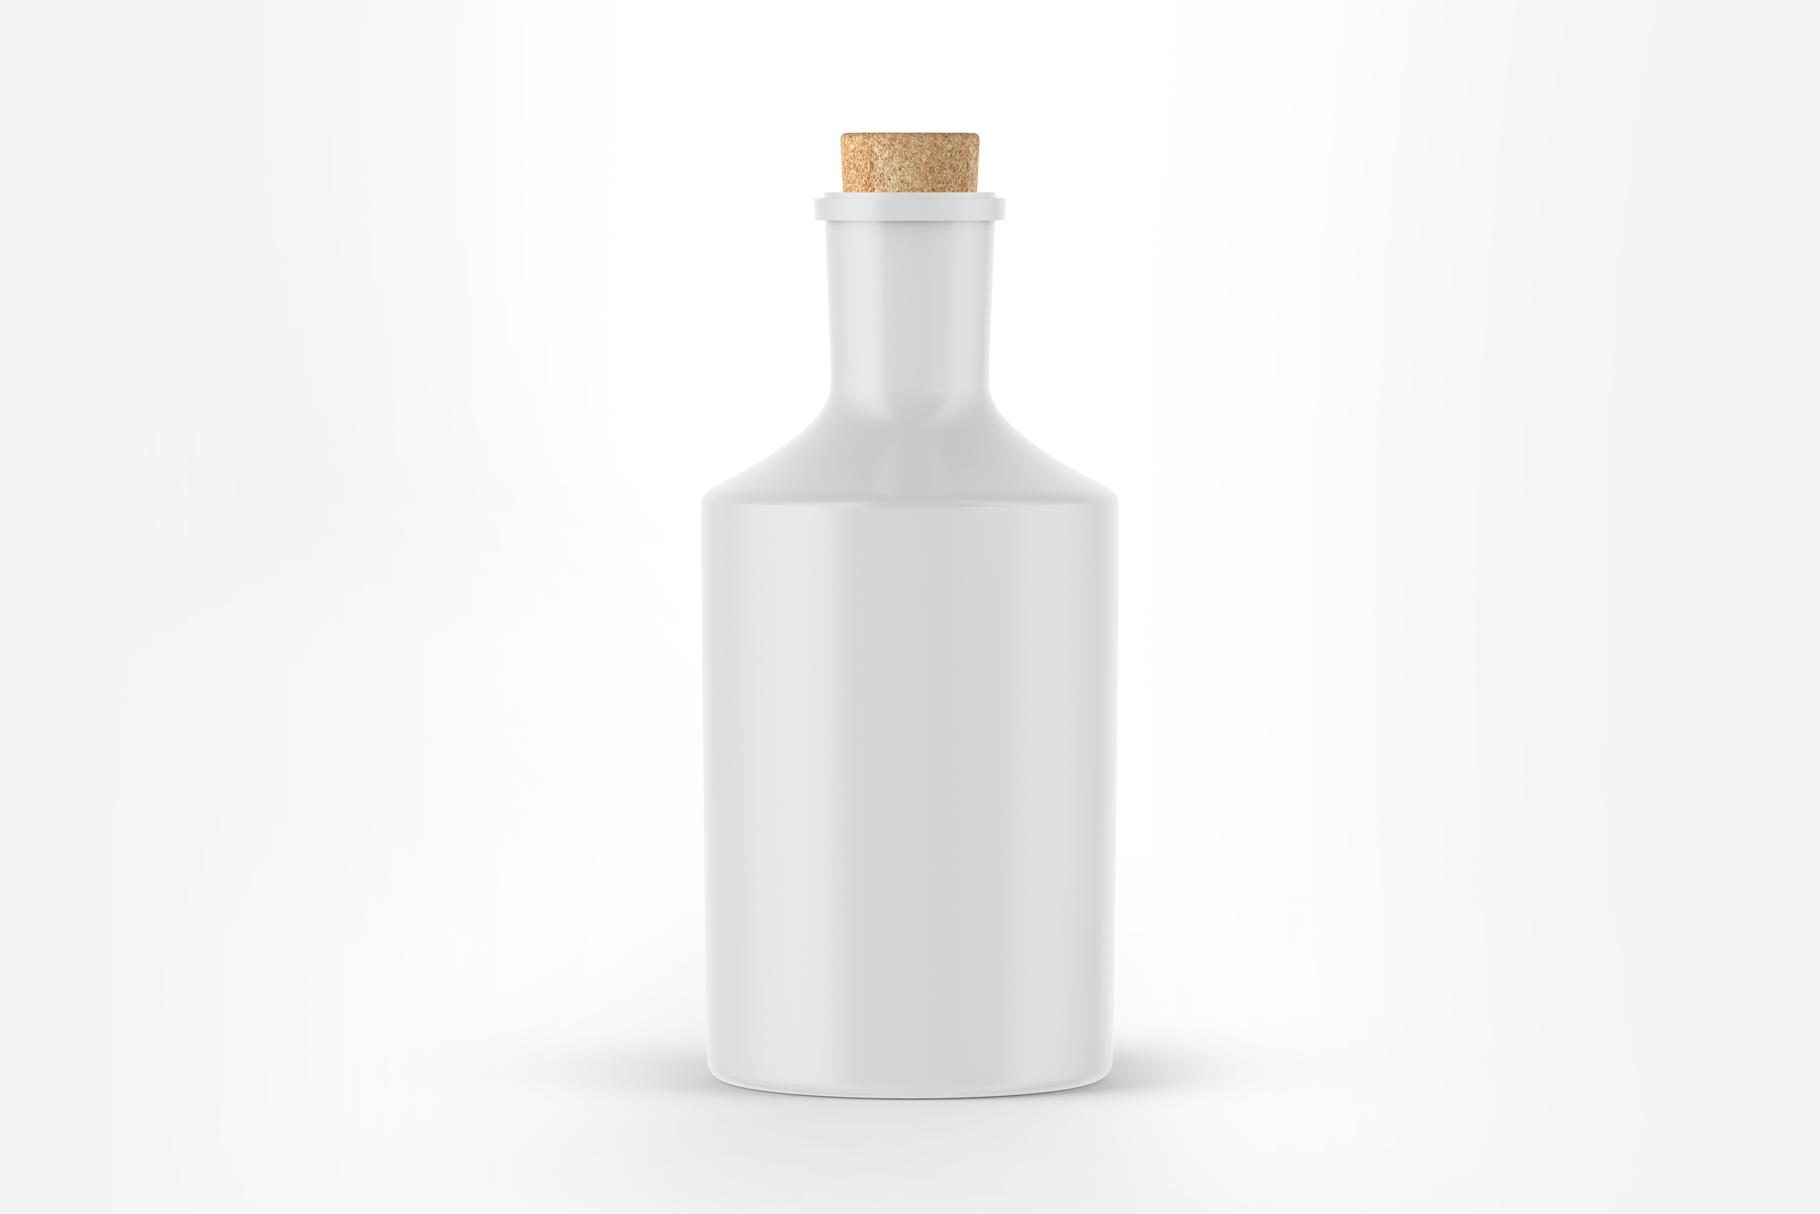 Ceramic Bottle Mockup example image 3